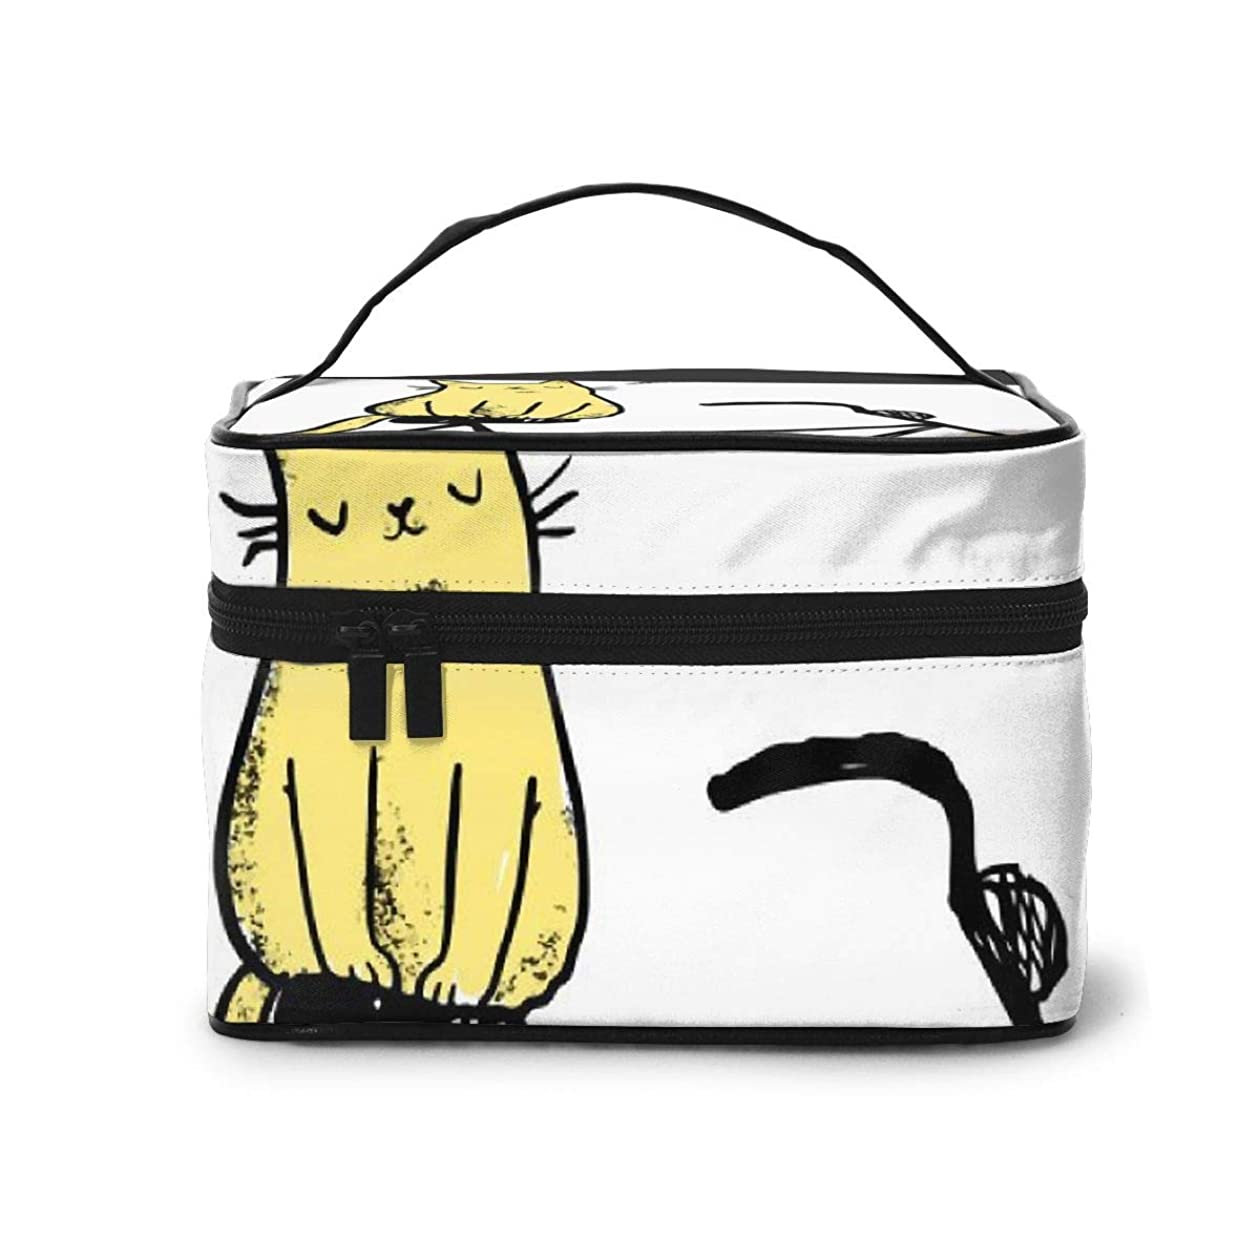 であること伝える同一性メイクポーチ 化粧ポーチ コスメバッグ バニティケース トラベルポーチ 猫 自転車 英文 雑貨 小物入れ 出張用 超軽量 機能的 大容量 収納ボックス